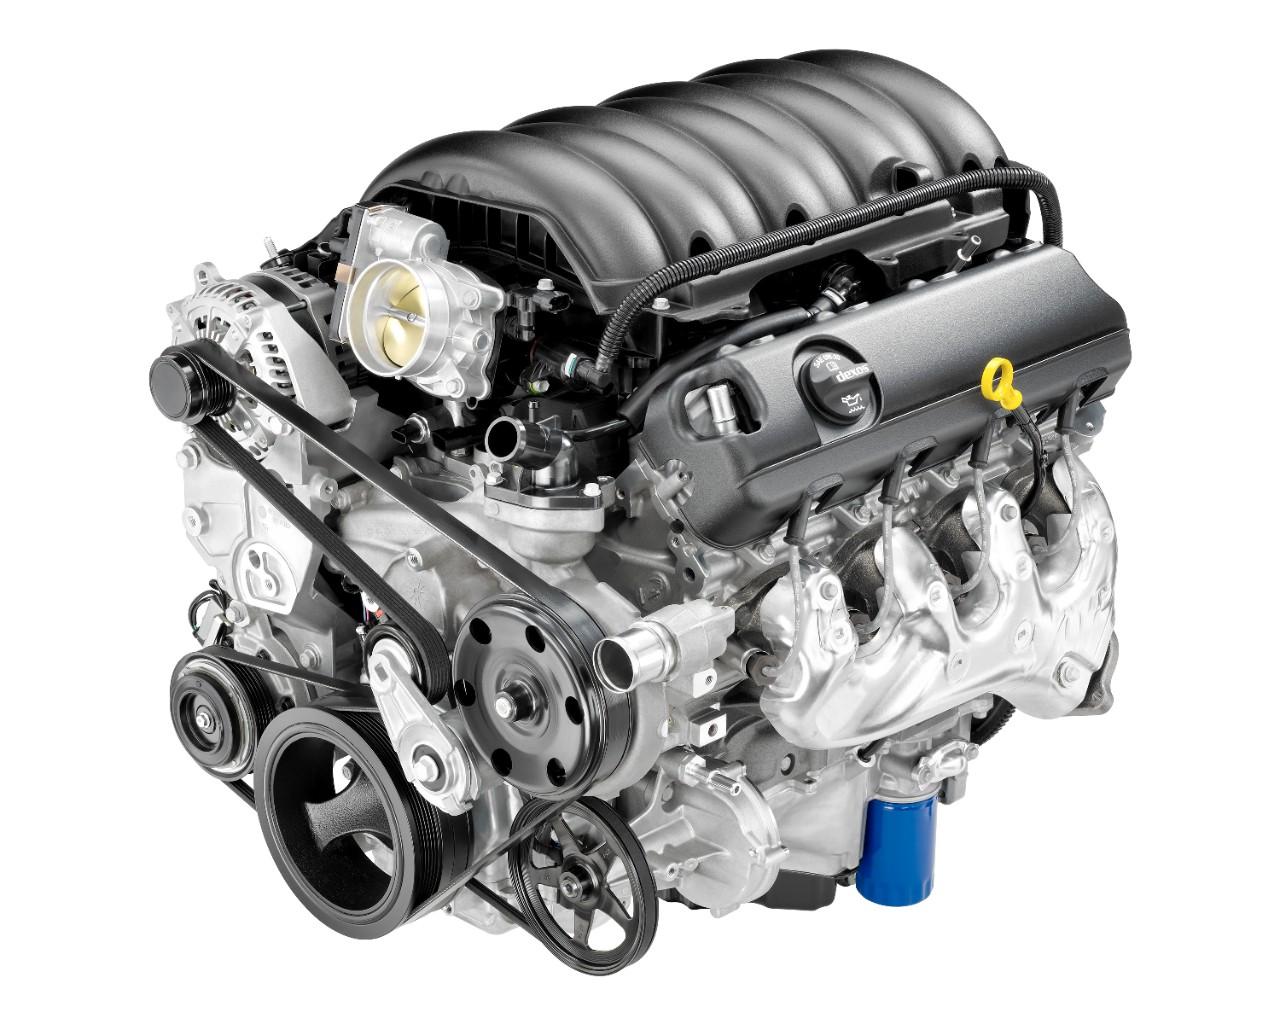 Gm 5 3l Engine Diagram Schematics Wiring Diagrams \u2022 4.8 Chevy Engine  Oil 4.8 Chevy Engine Diagram